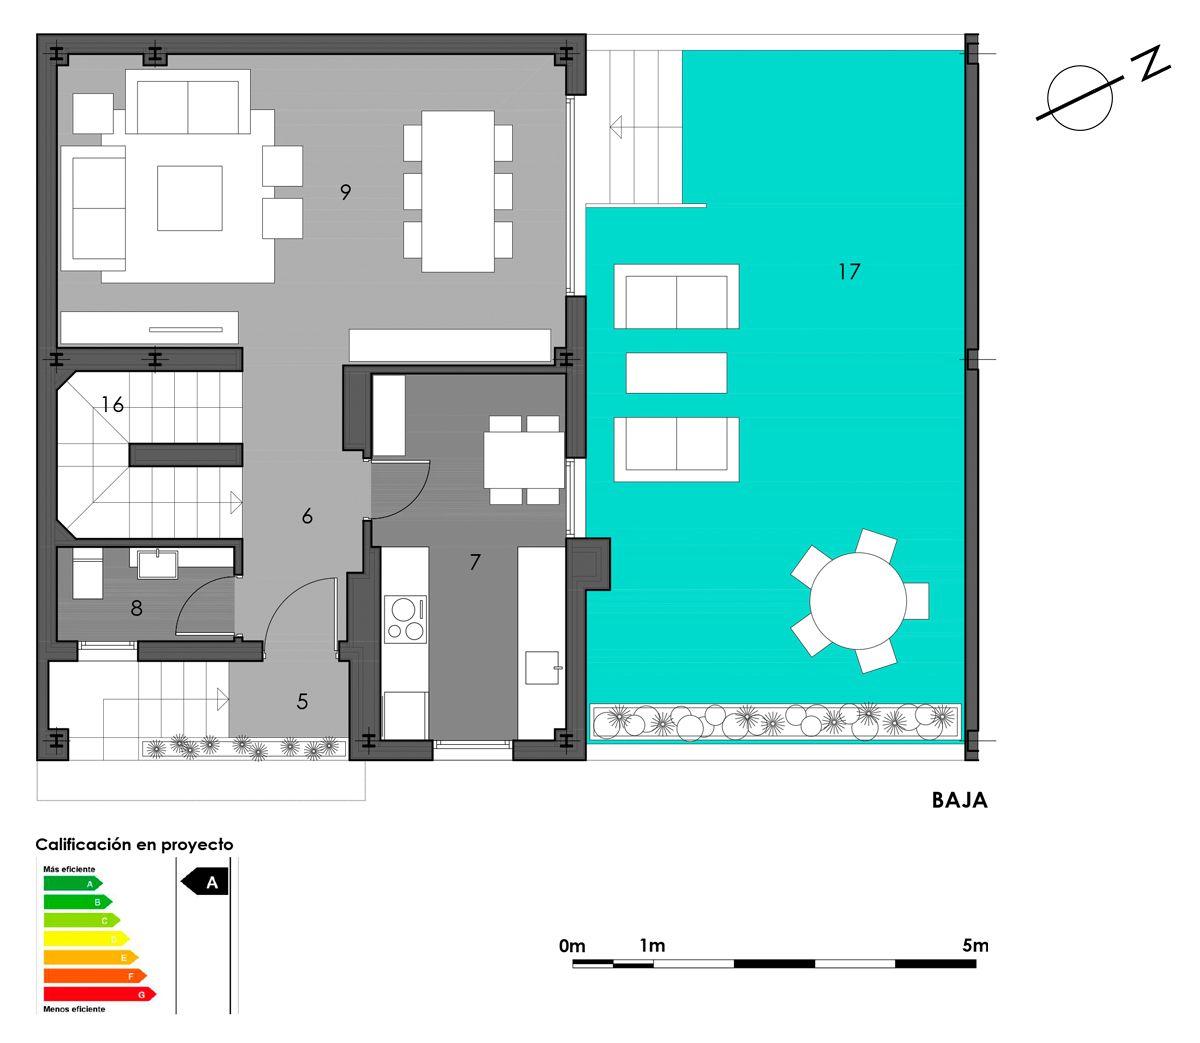 planta baja vivienda 1 con opción cocina cerrada